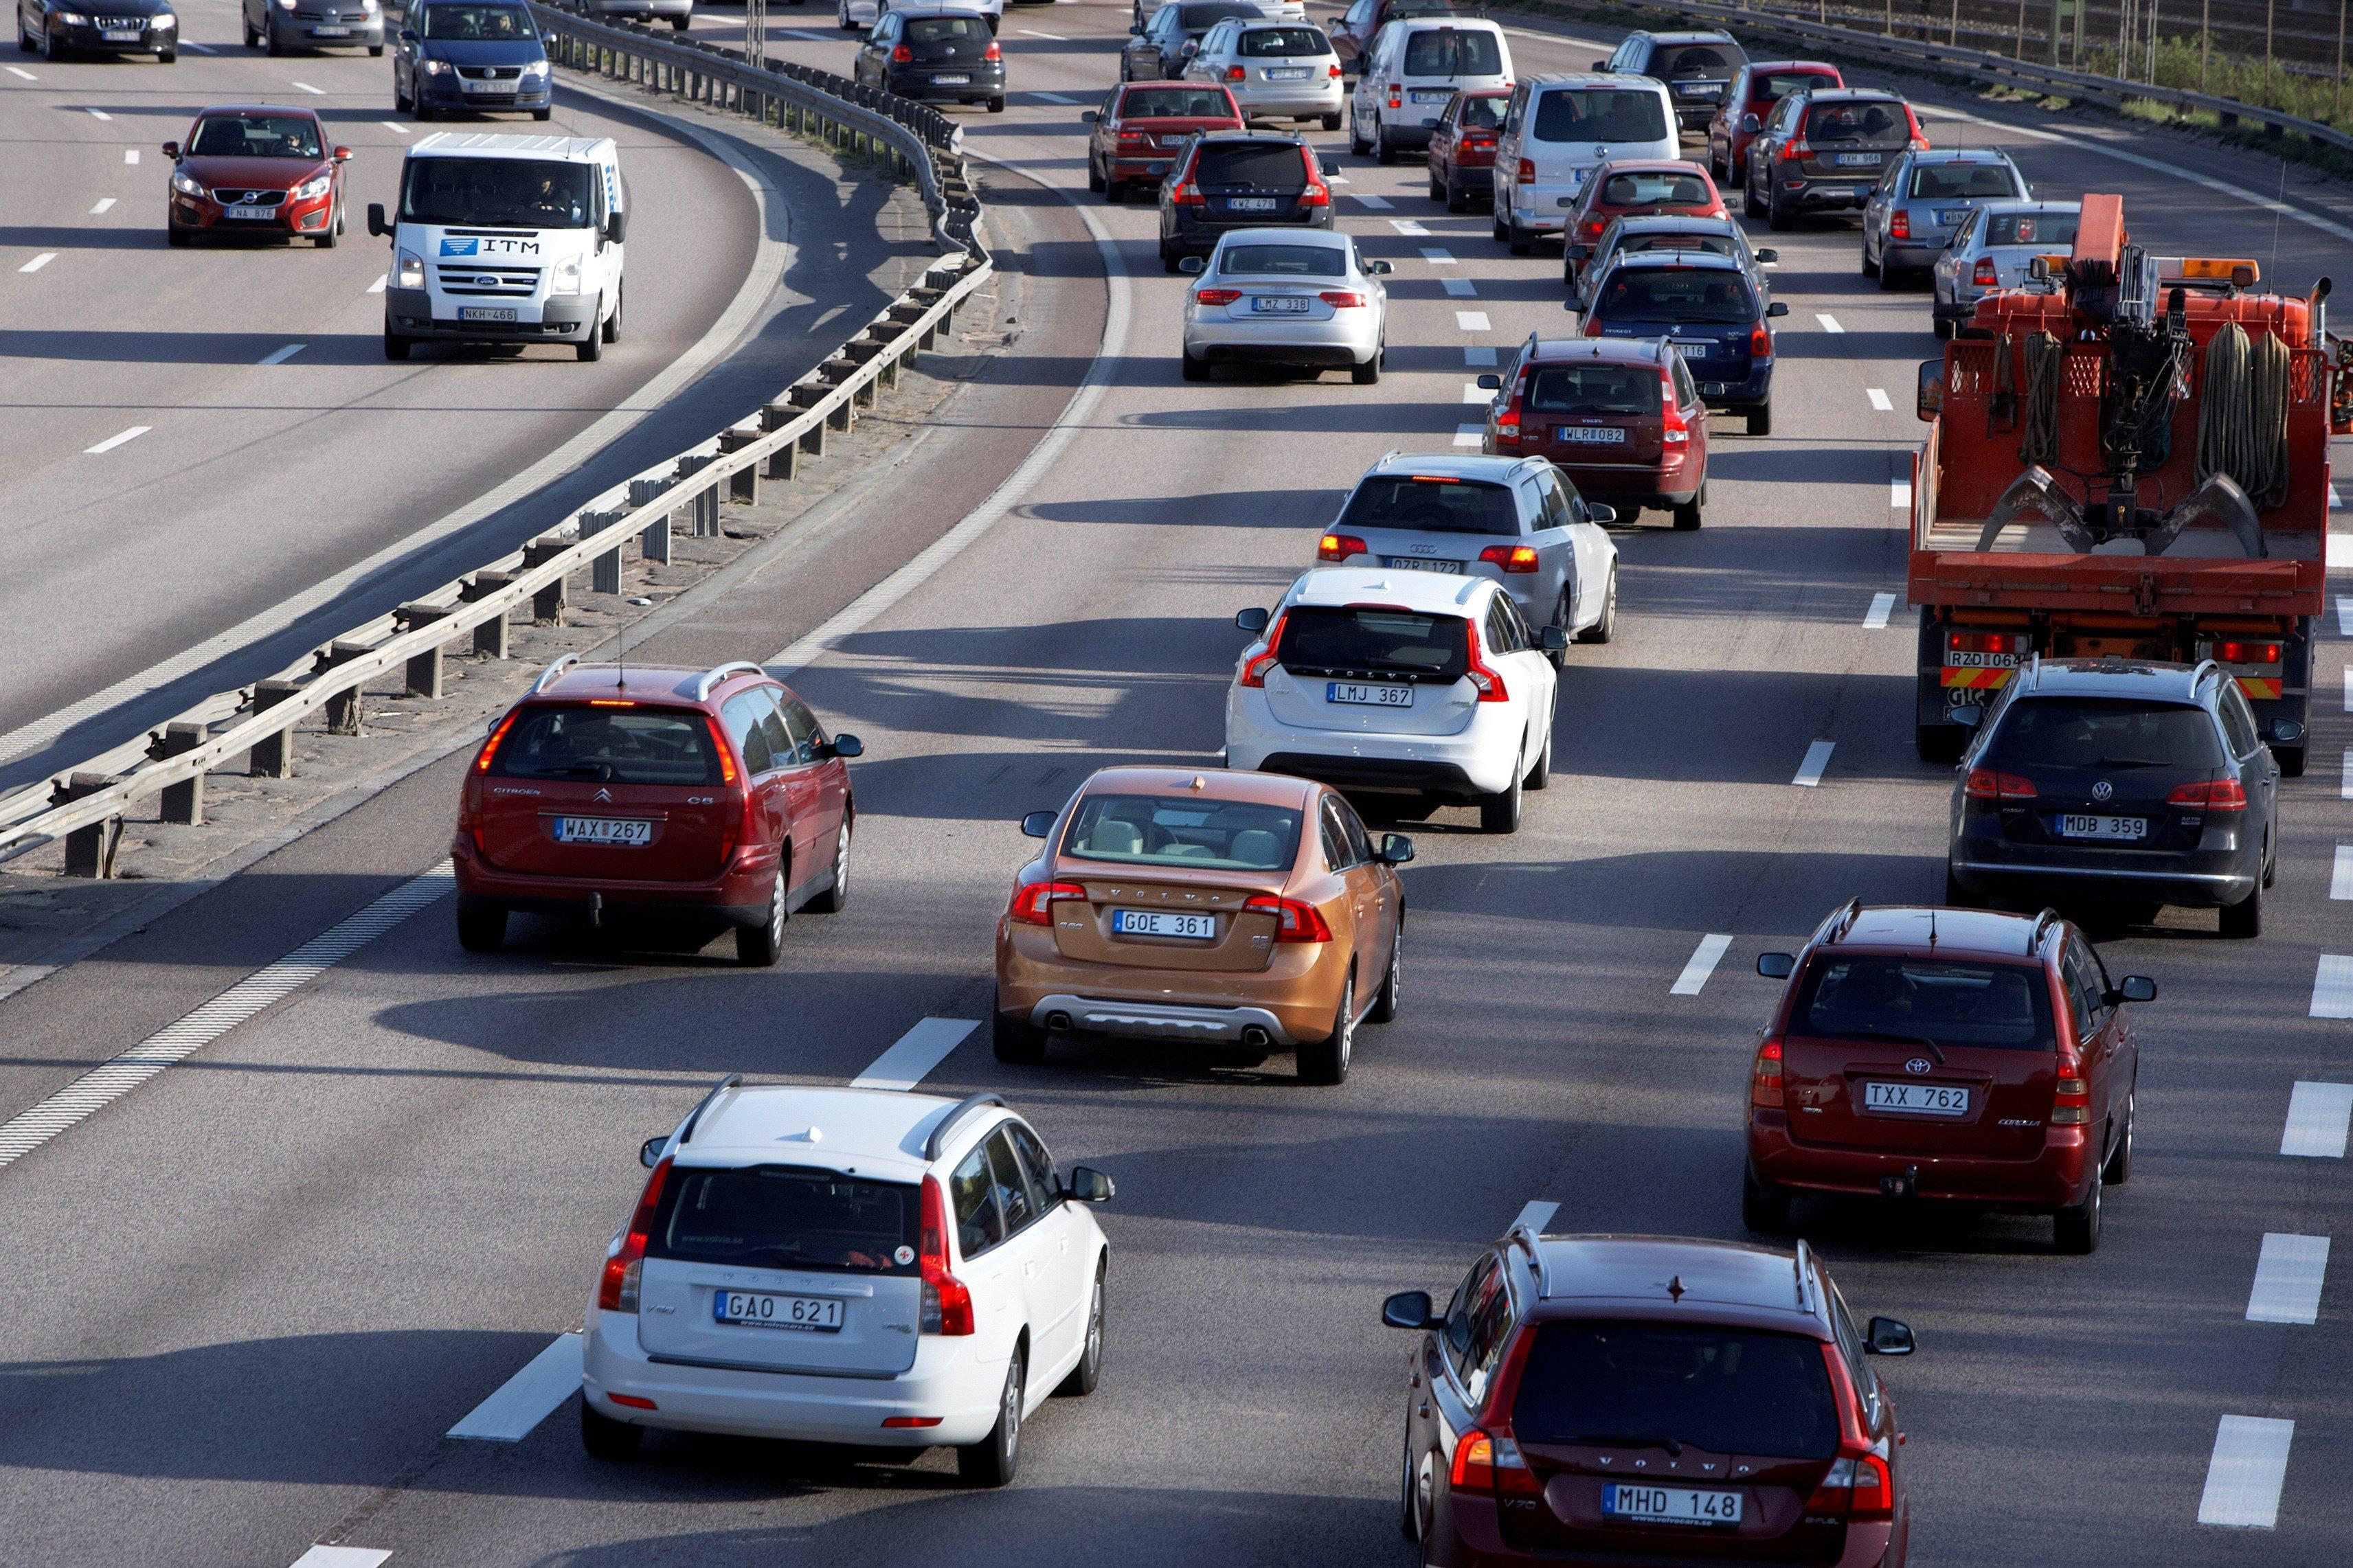 Demnächst will Volvo seine neue Navigationstechnik mit Hilfe von Magneten, die in den Straßenbelag eingelassen werden, auch unter Praxisbedingungen im Straßenverkehr testen.